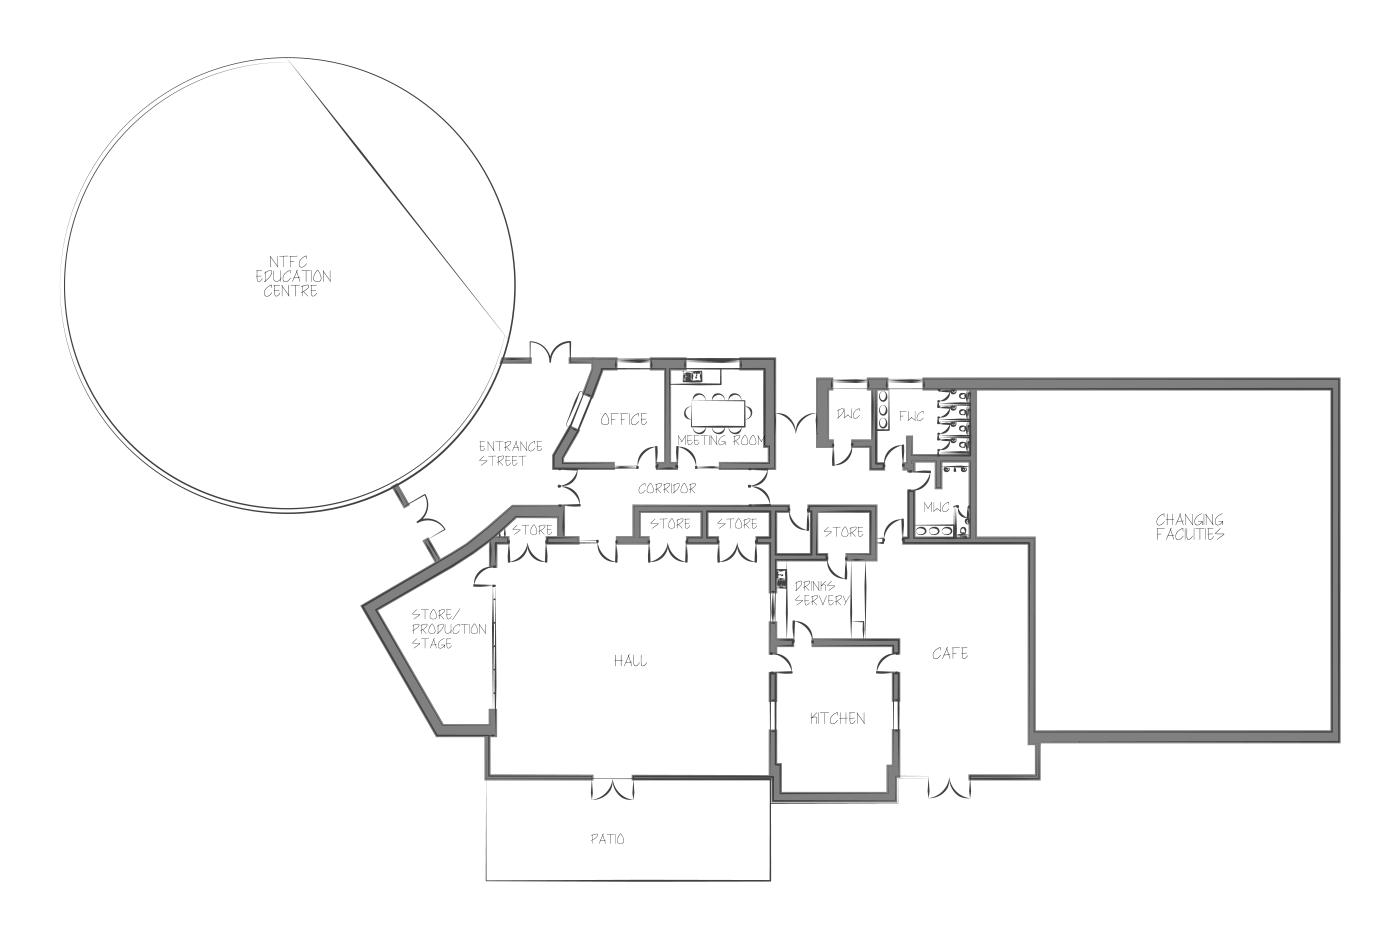 St Crispins community centre floor plan